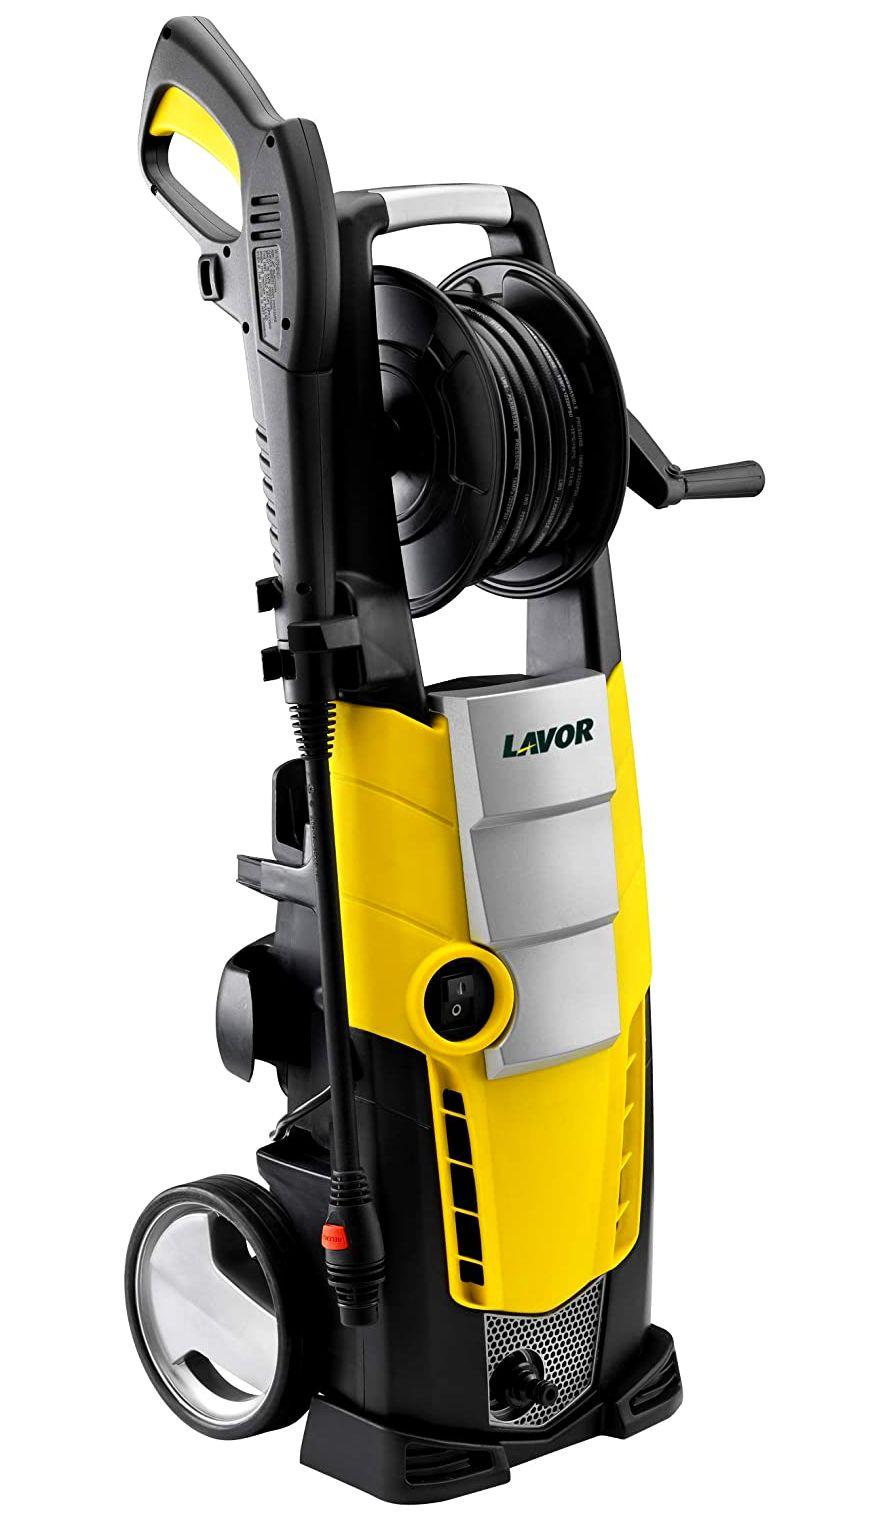 Migliore idropulitrice professionale LAVOR Lavorwash per pulire i mobili da giardino, lavare l'auto, la moto e i pavimenti, prezzi bassi e sconti fino al 70%